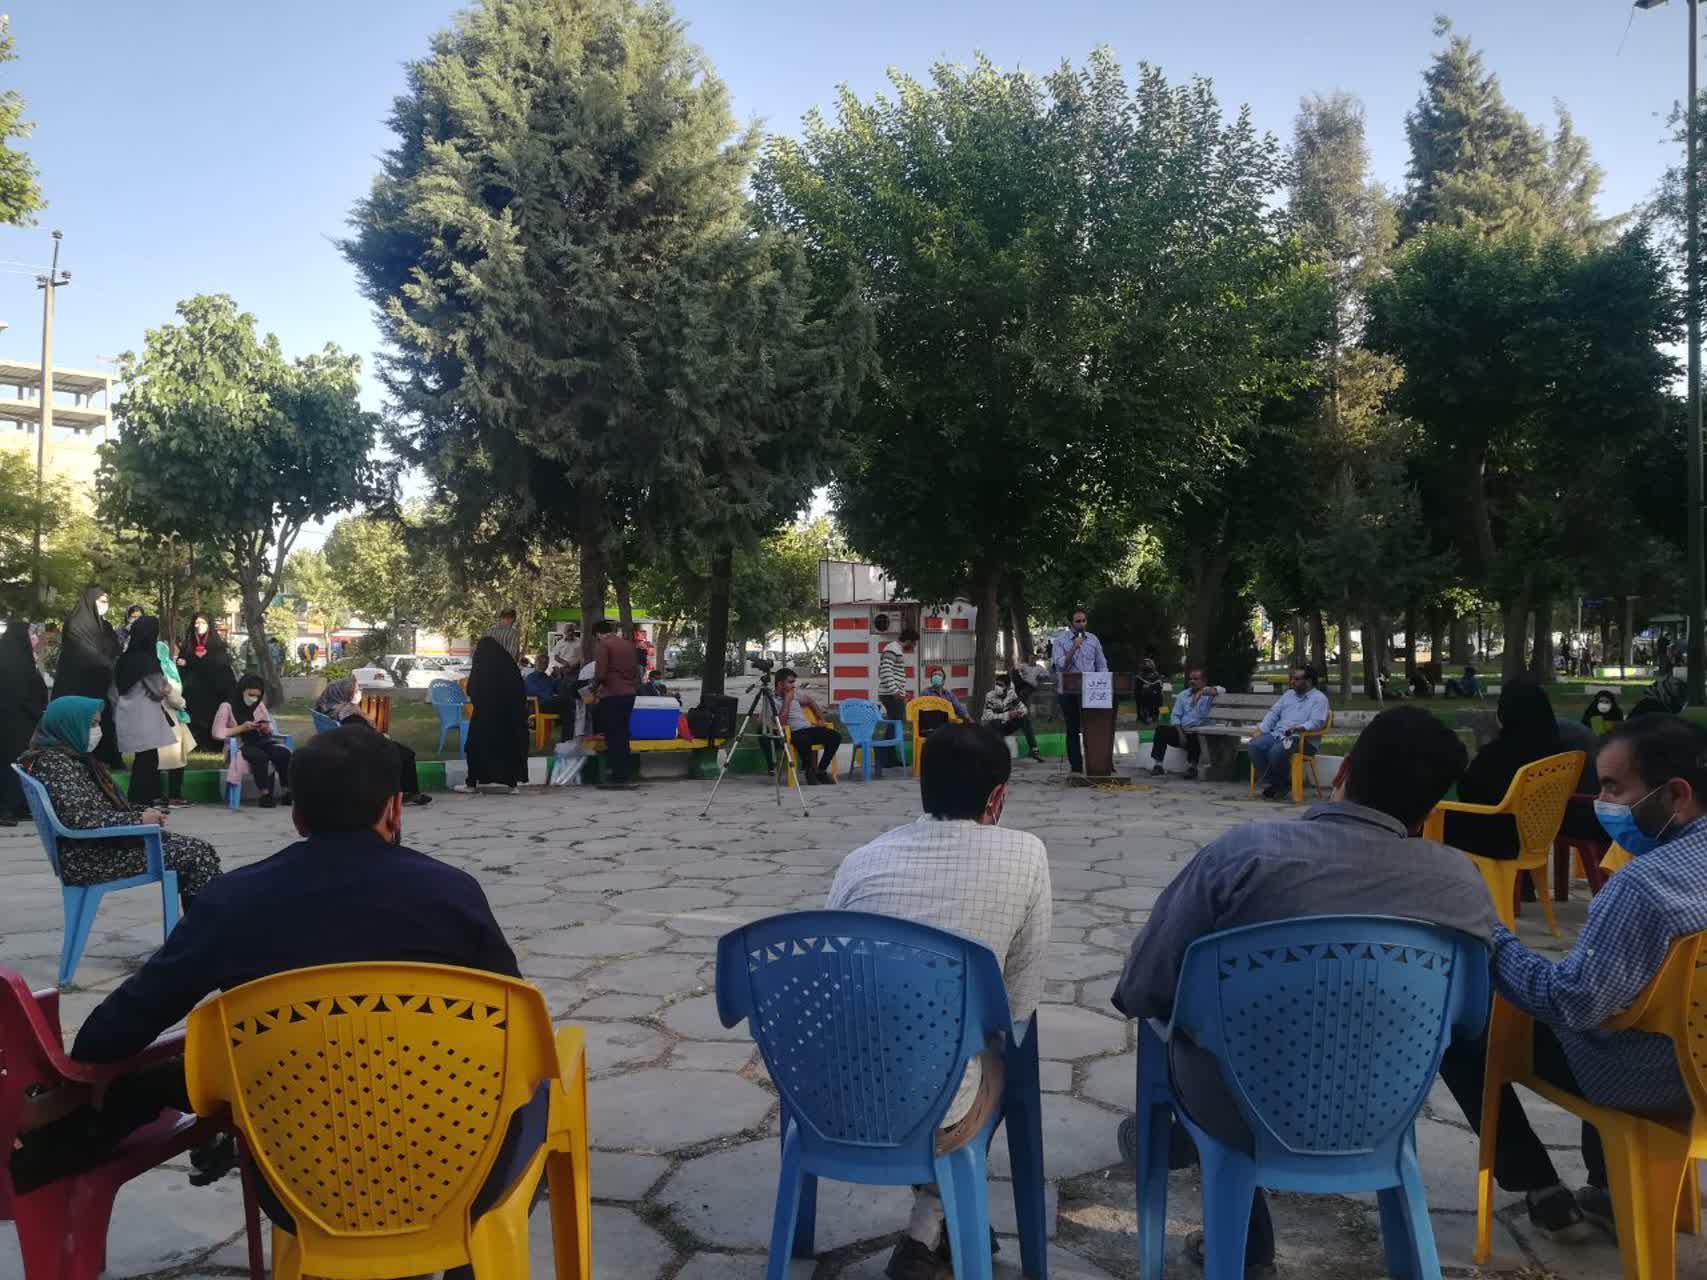 برگزاری تریبون آزاد توسط بسیج دانشجویی به منظور افزایش مشارکت حداکثری در پارک های کرمانشاه